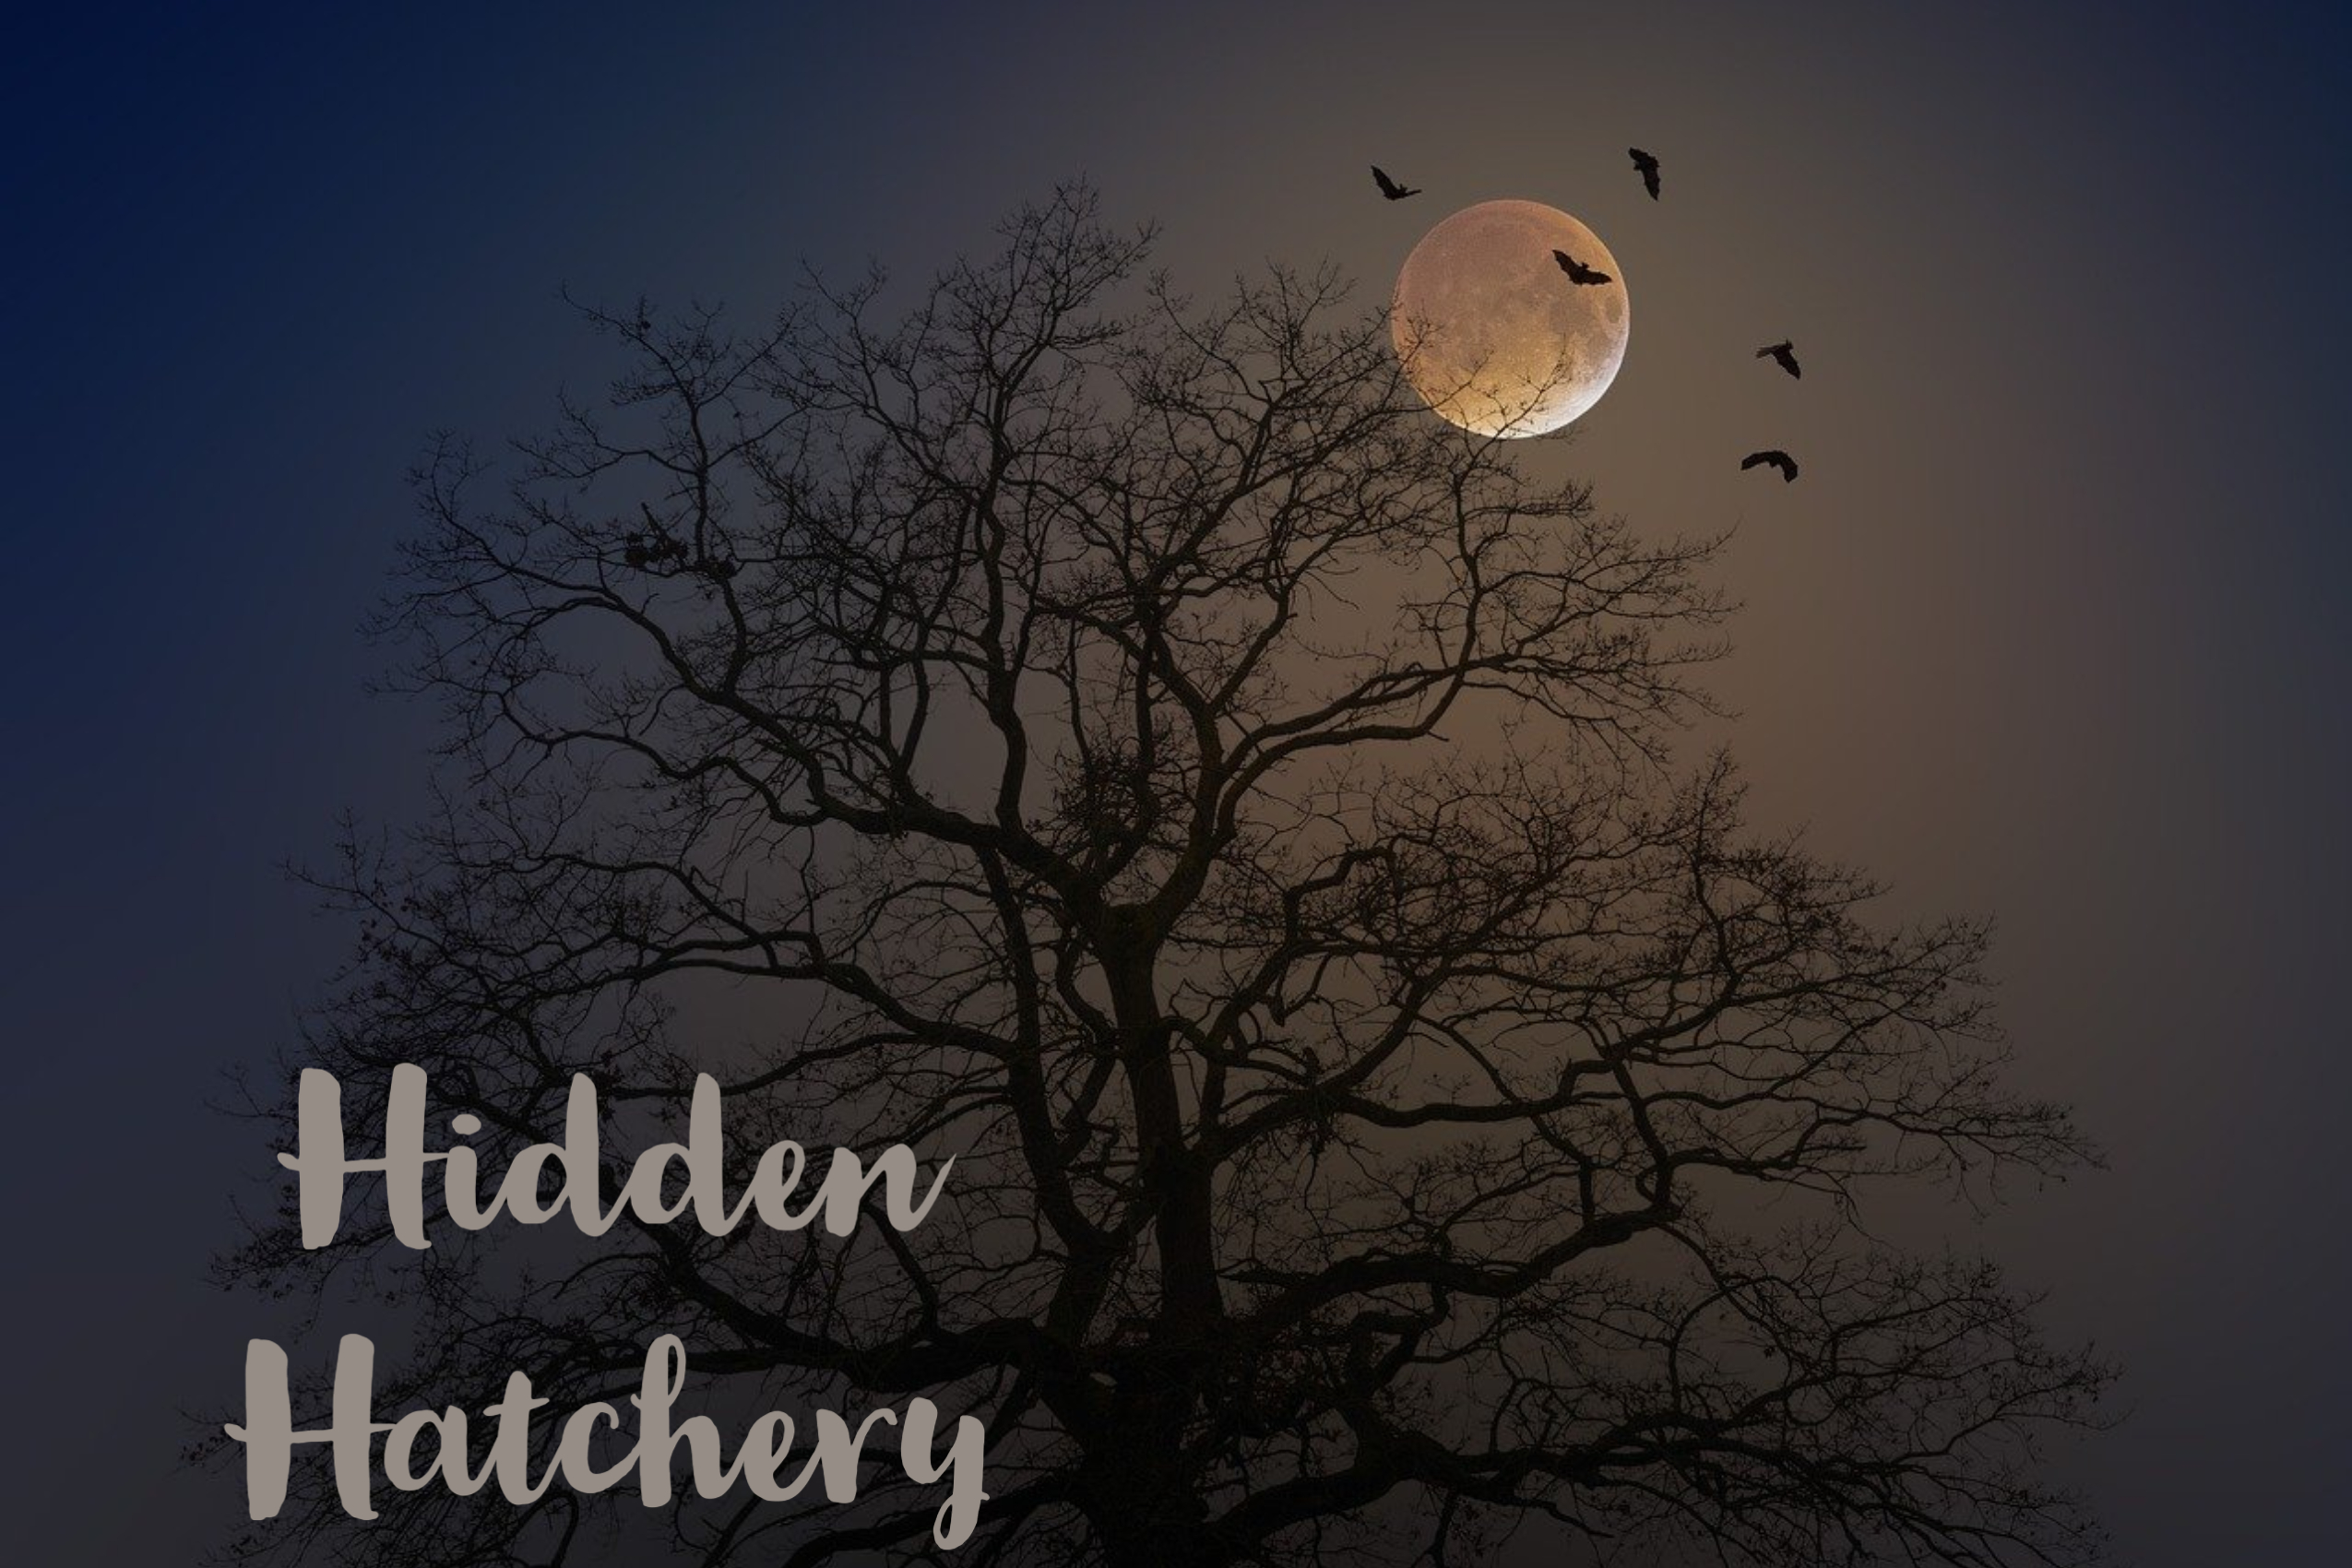 Hidden-Hatchery.jpg